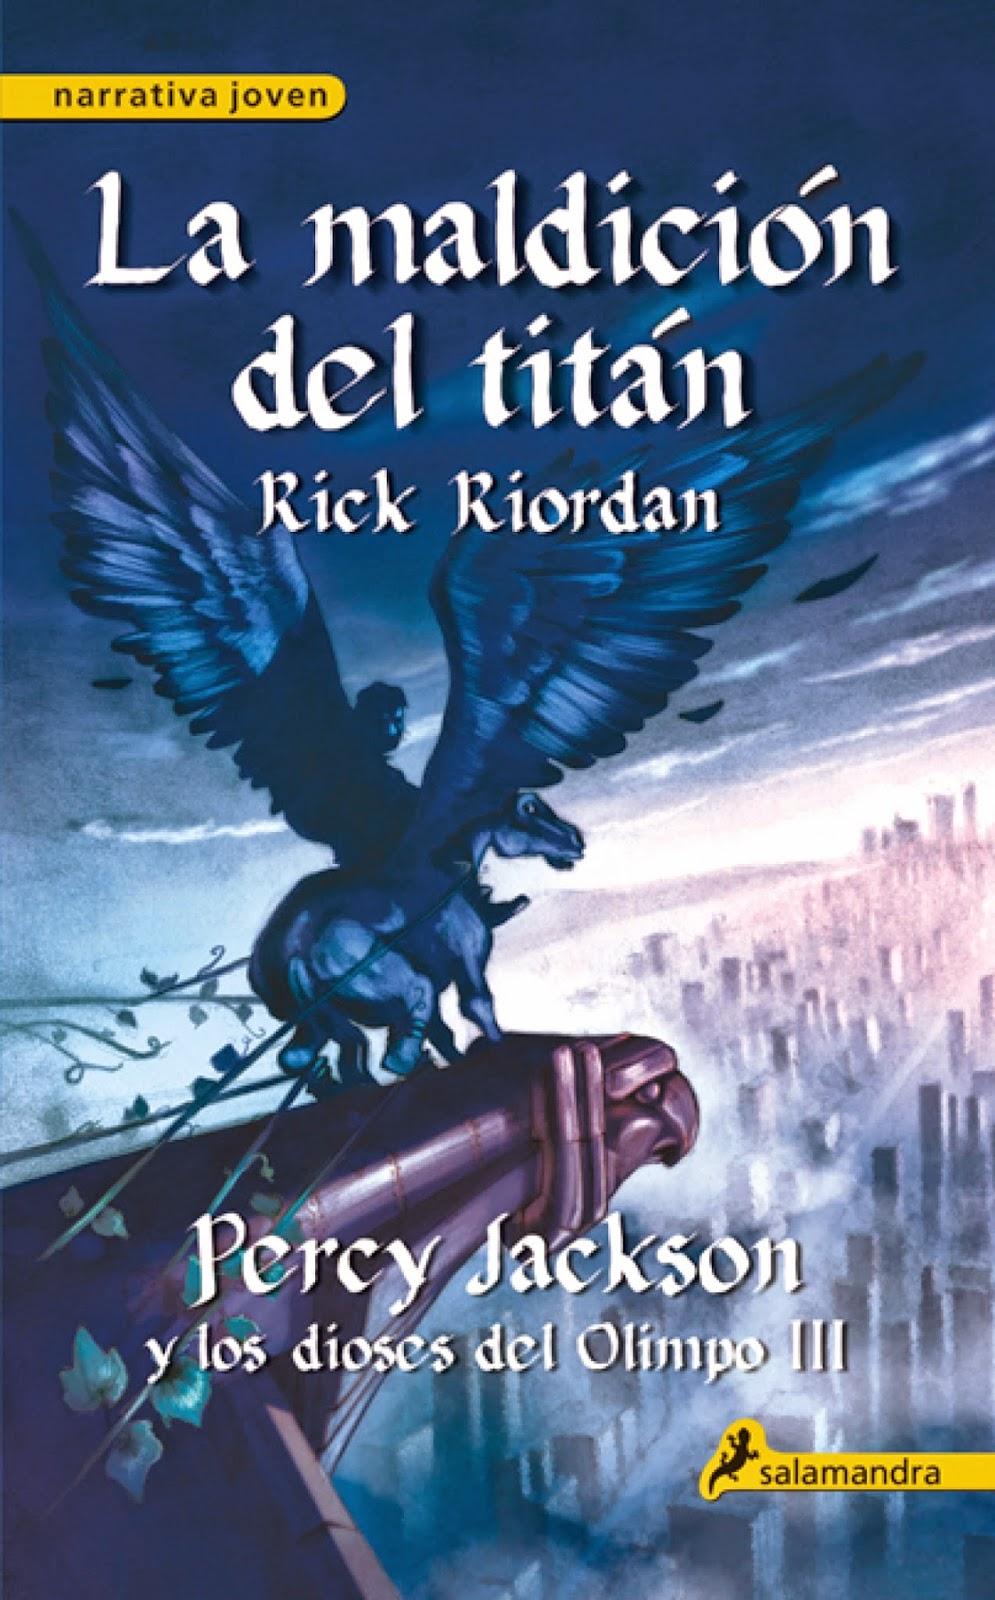 Percy Jackson Y Los Dioses Del Olimpo III: La Maldición Del Titán, de Rick Riordan